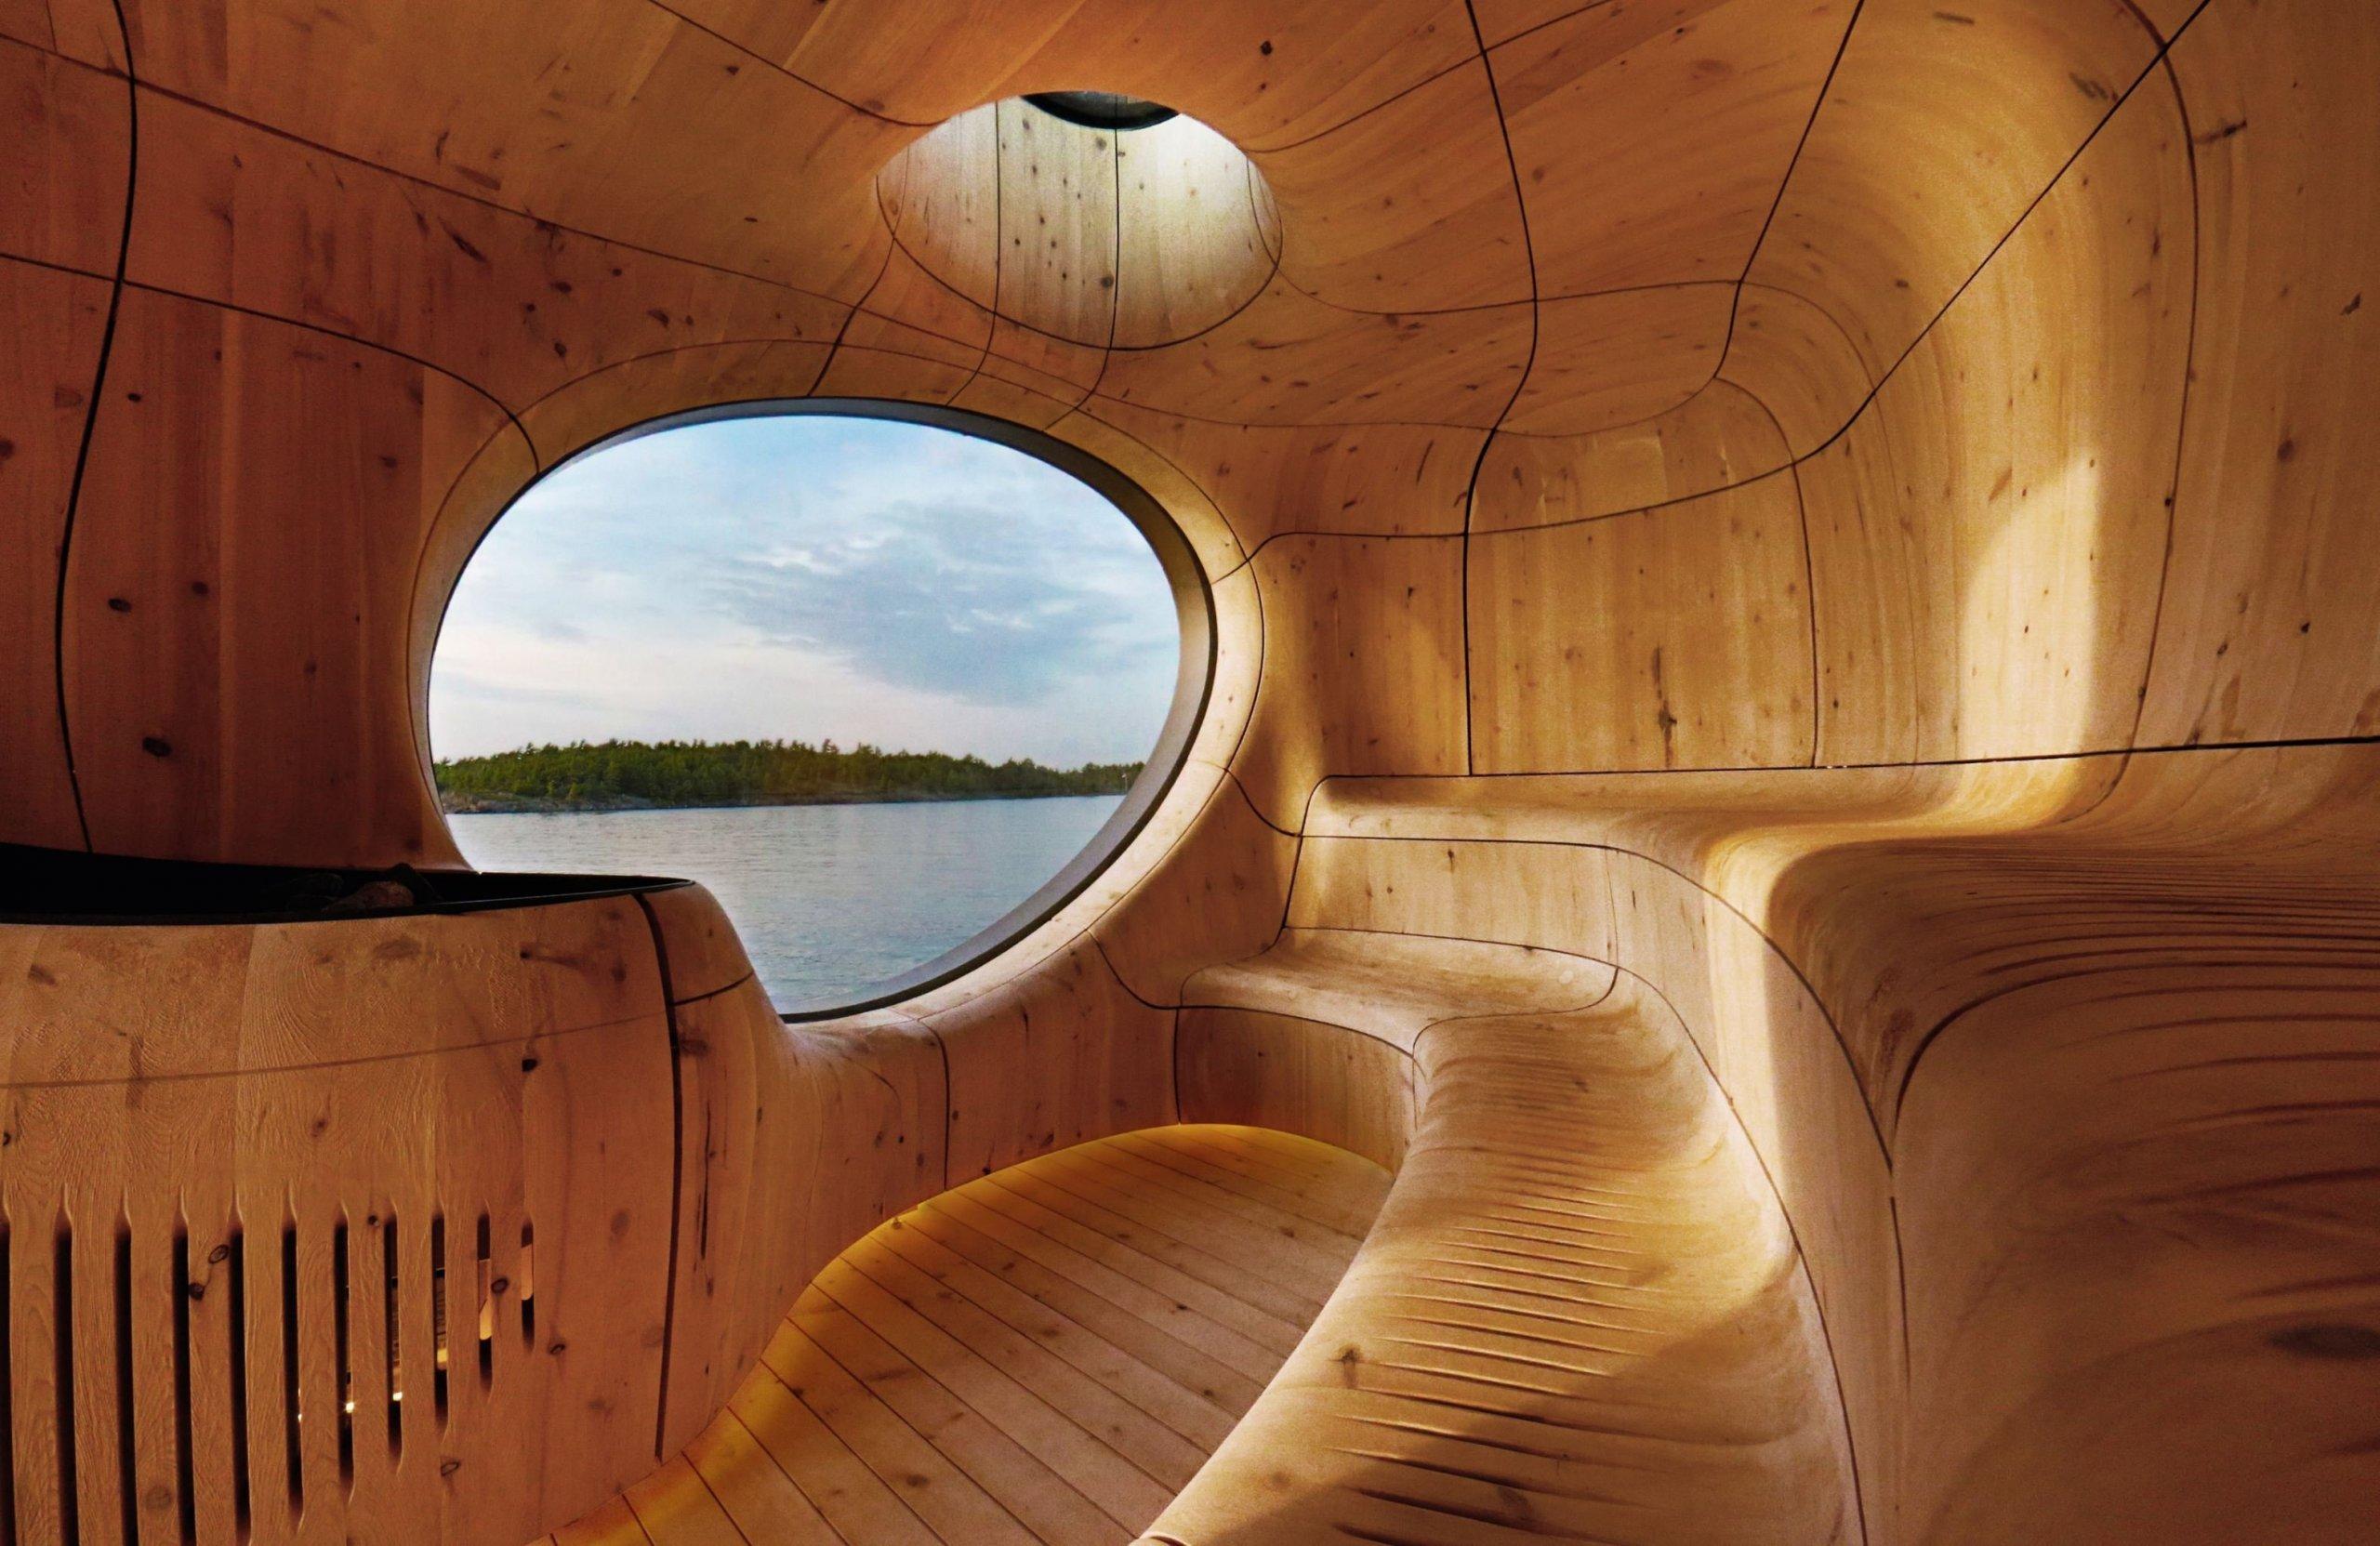 Modrá hladina jezera Hudson - nacházejícího se severně od Toronta - doplňuje své už tak úchvatné prostředí, jakoby se přímo nabízela k odpočinku. Proto, když se sešel tým PARTISANS na tomto místě spolu s klientem a myšlenkou na stavbu potencionální sauny, věděli, že jejich největším úkolem bude vytvořit volně stojící saunu (strukturu), která bude dokonale zapadat do okolí. Pojďte se s námi podívat na to, jak se jim to povedlo.